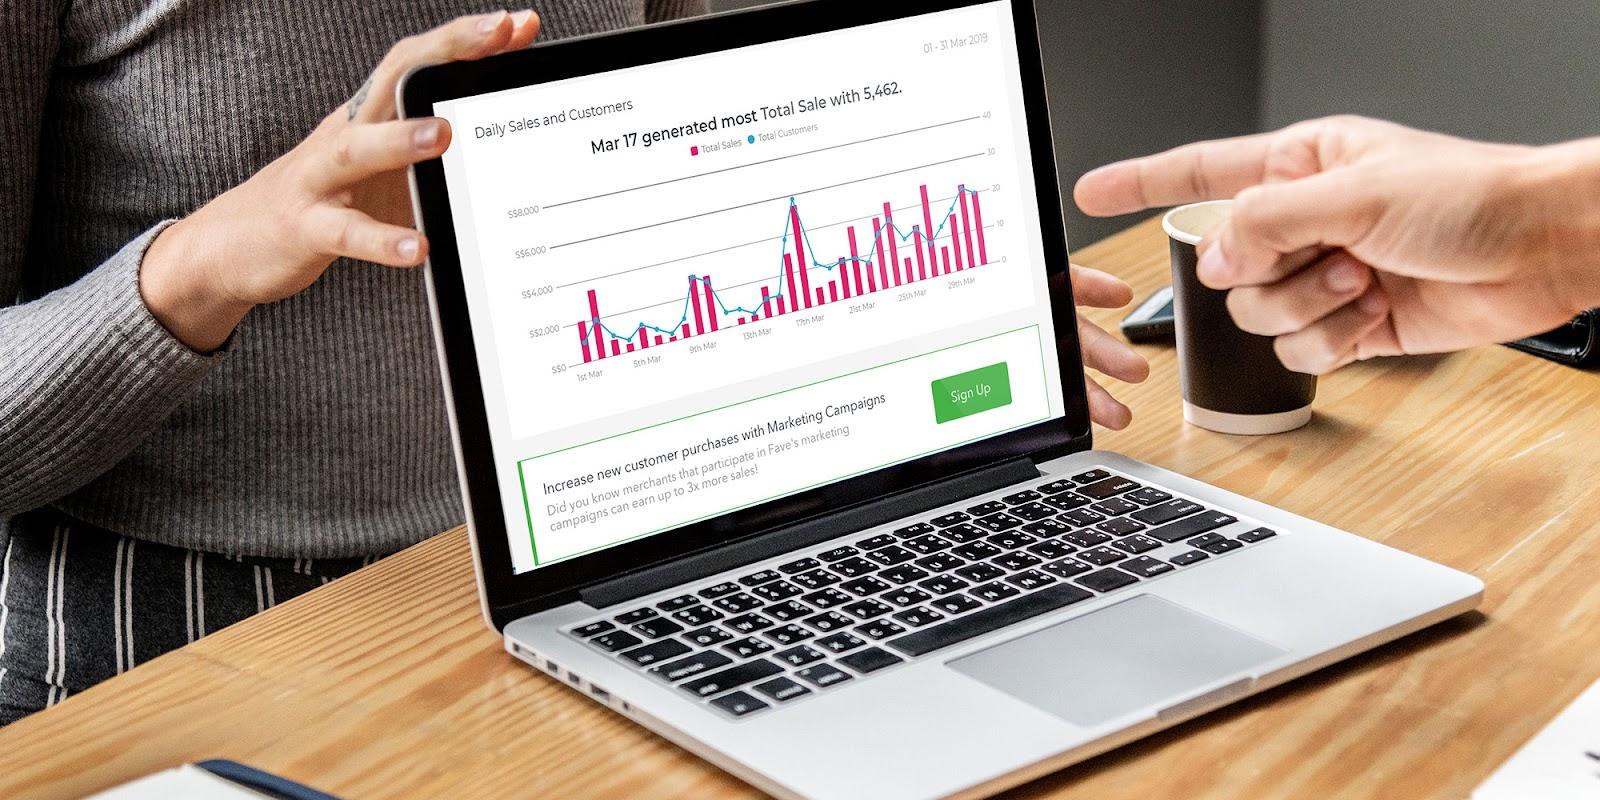 Tracking Analytics